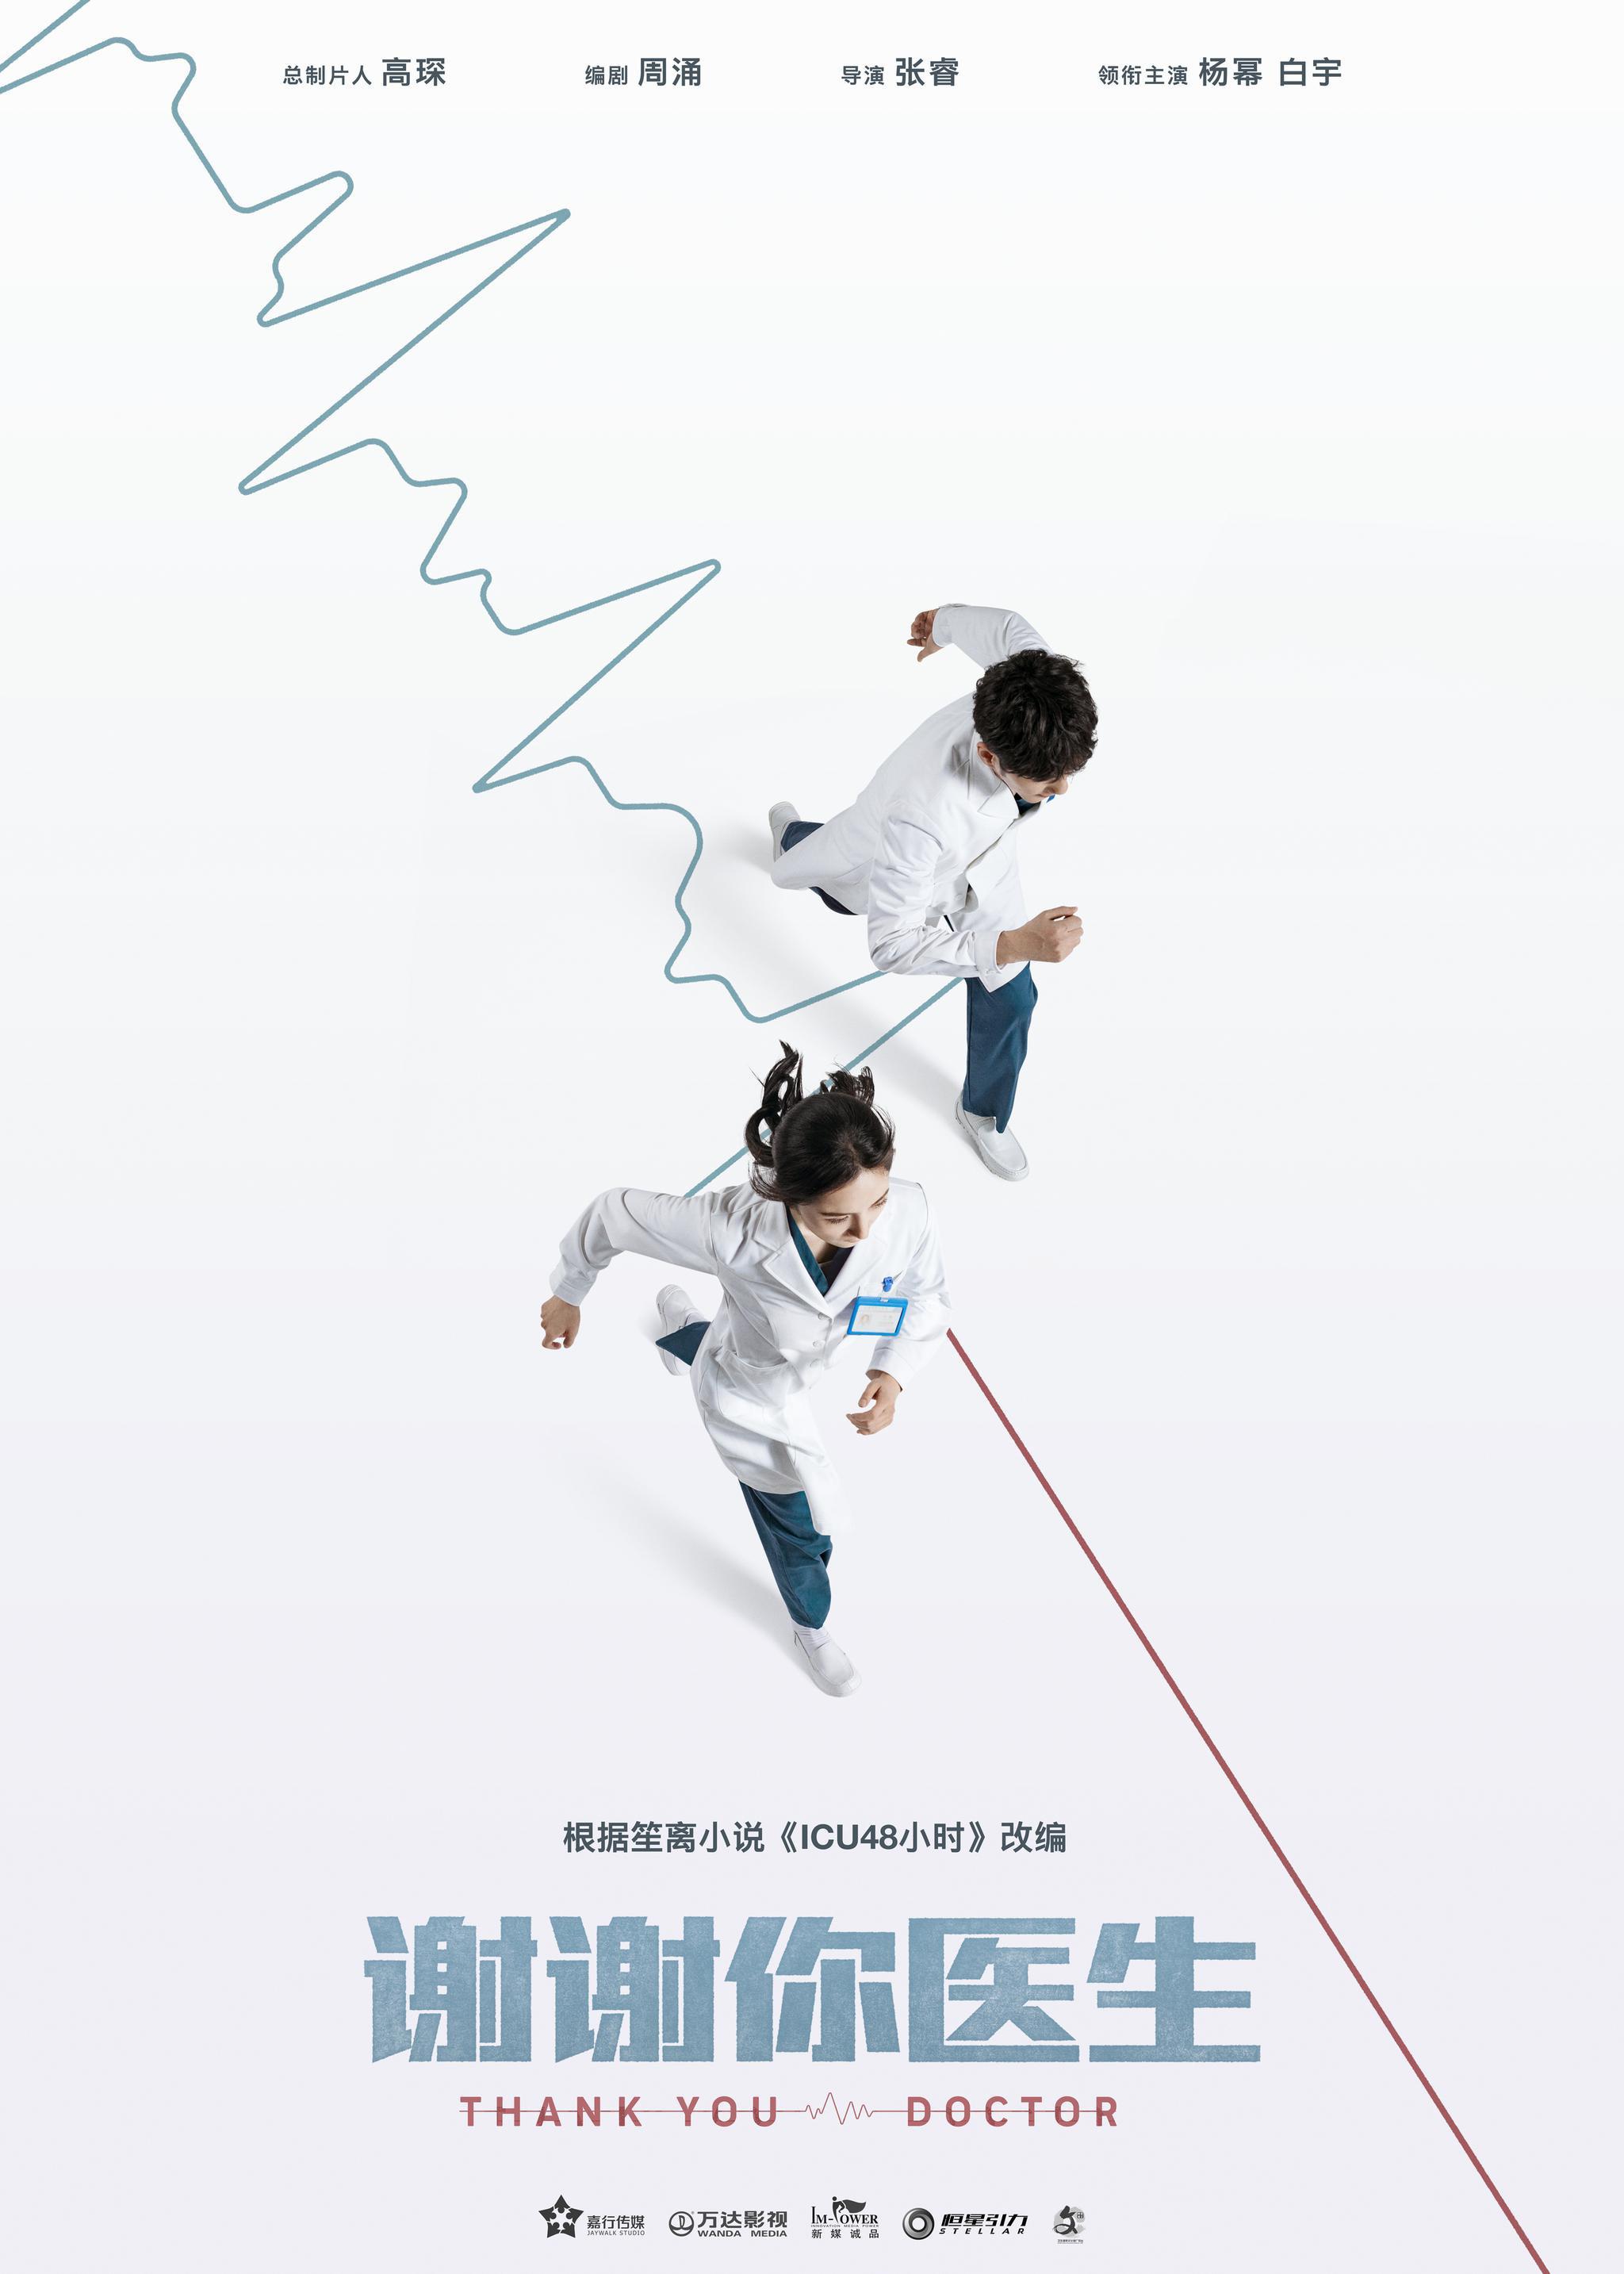 杨幂白宇合作《谢谢你医生》,《余罪》导演执导